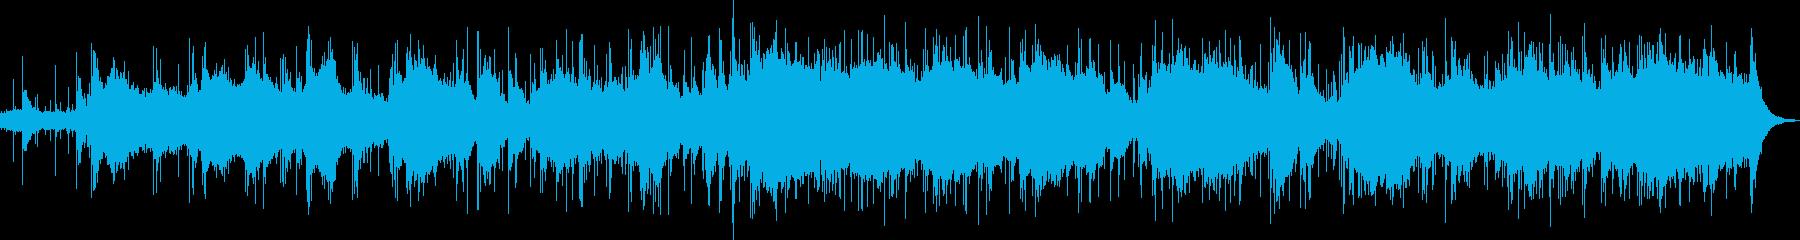 ボイラー室・ガス・ホラーアンビエントの再生済みの波形